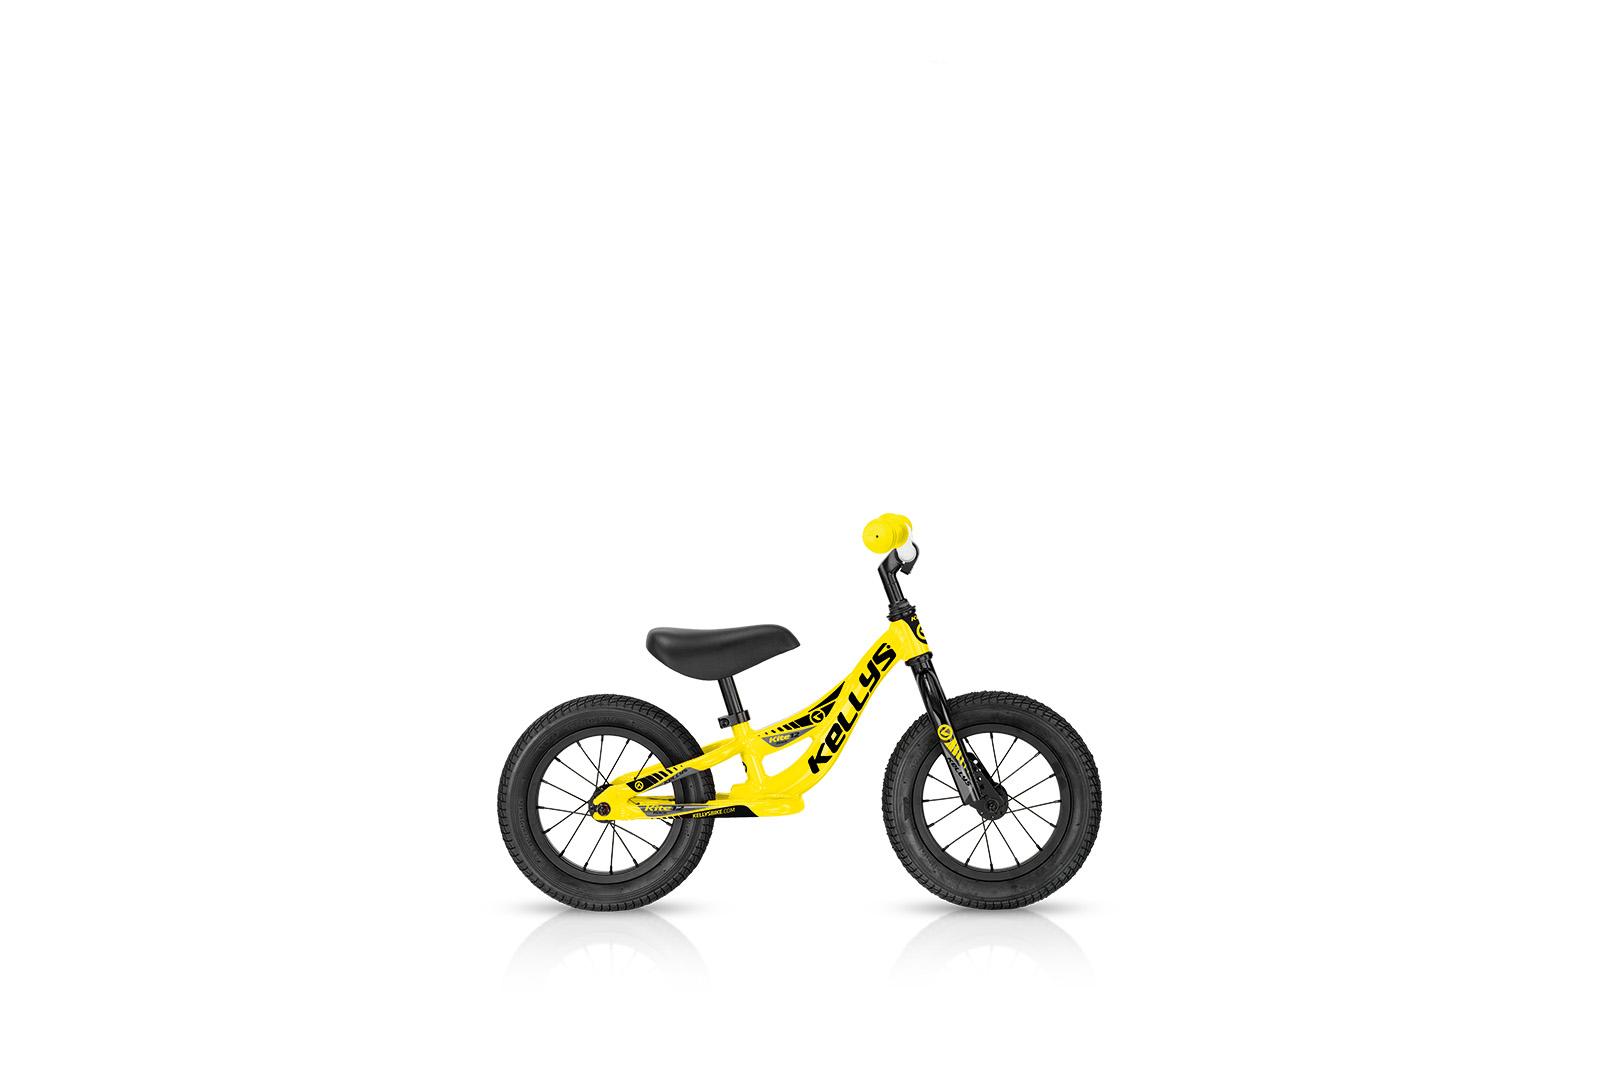 Dětské odrážedlo Kellys KITE 12 2017 (Zdarma dopravné + možnost zaslání seřízeného odrážedla)